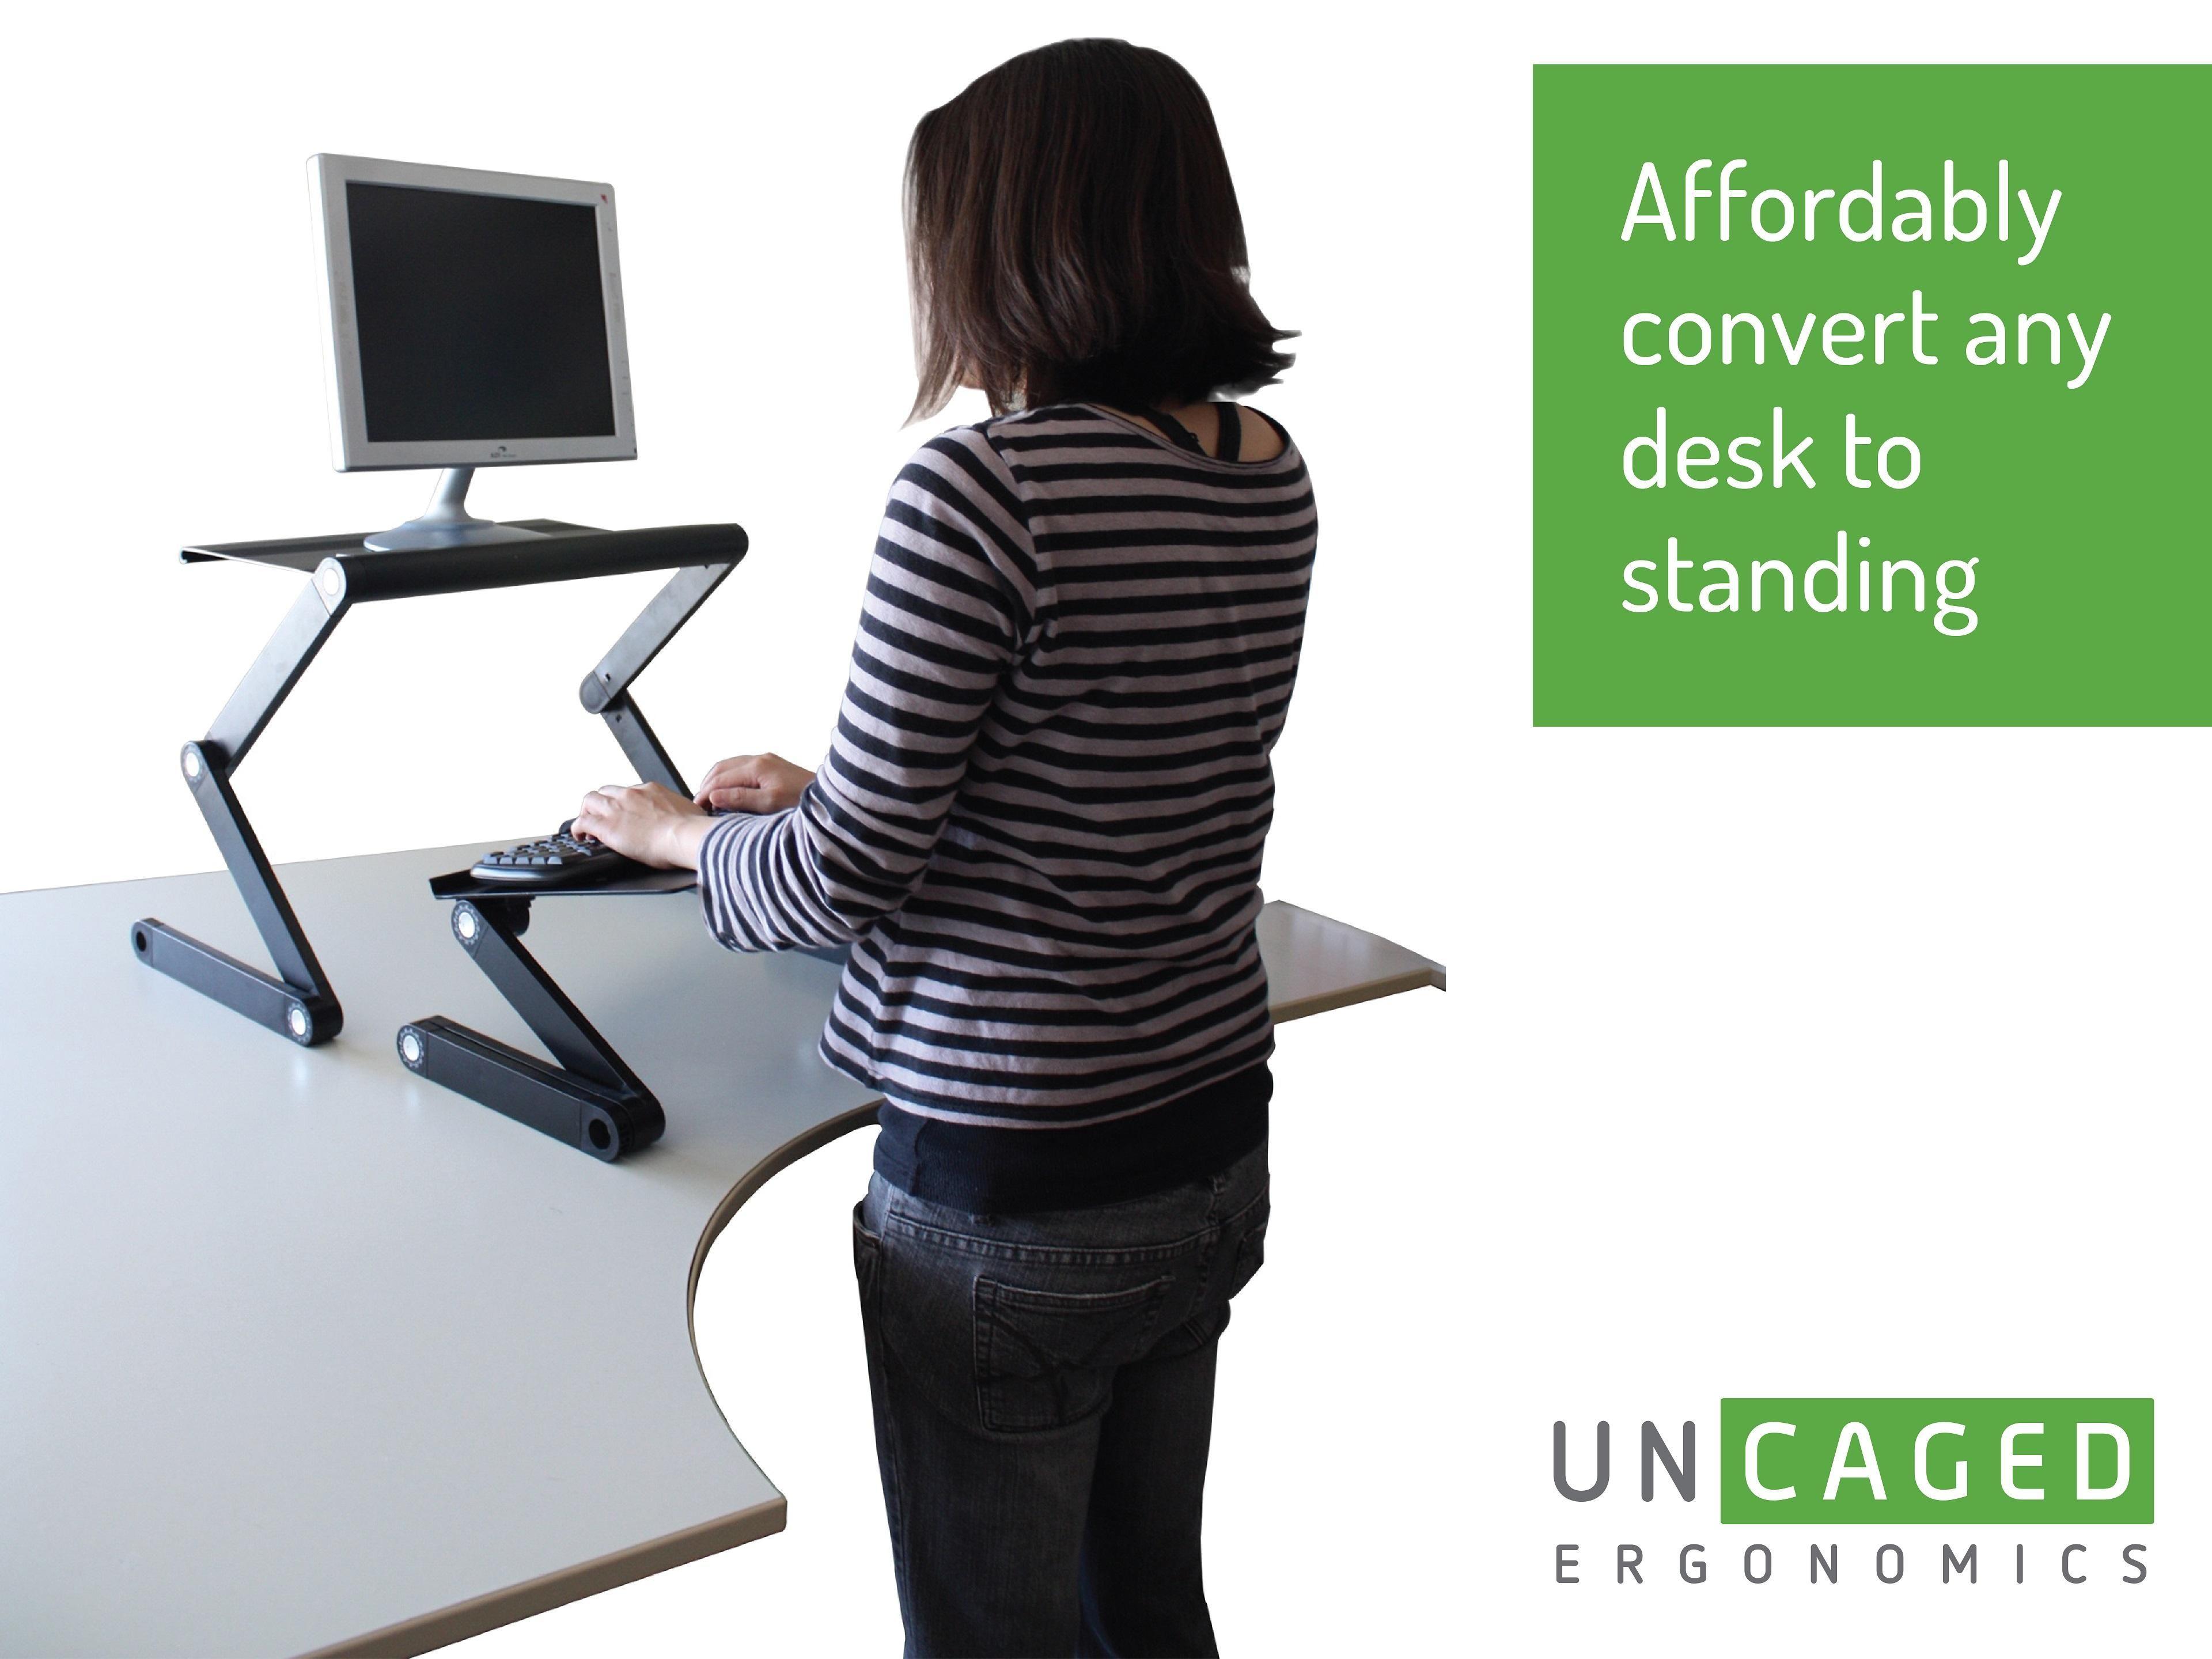 Affordable Ergonomic Adjustable Standing Desk Conversion | Work ...